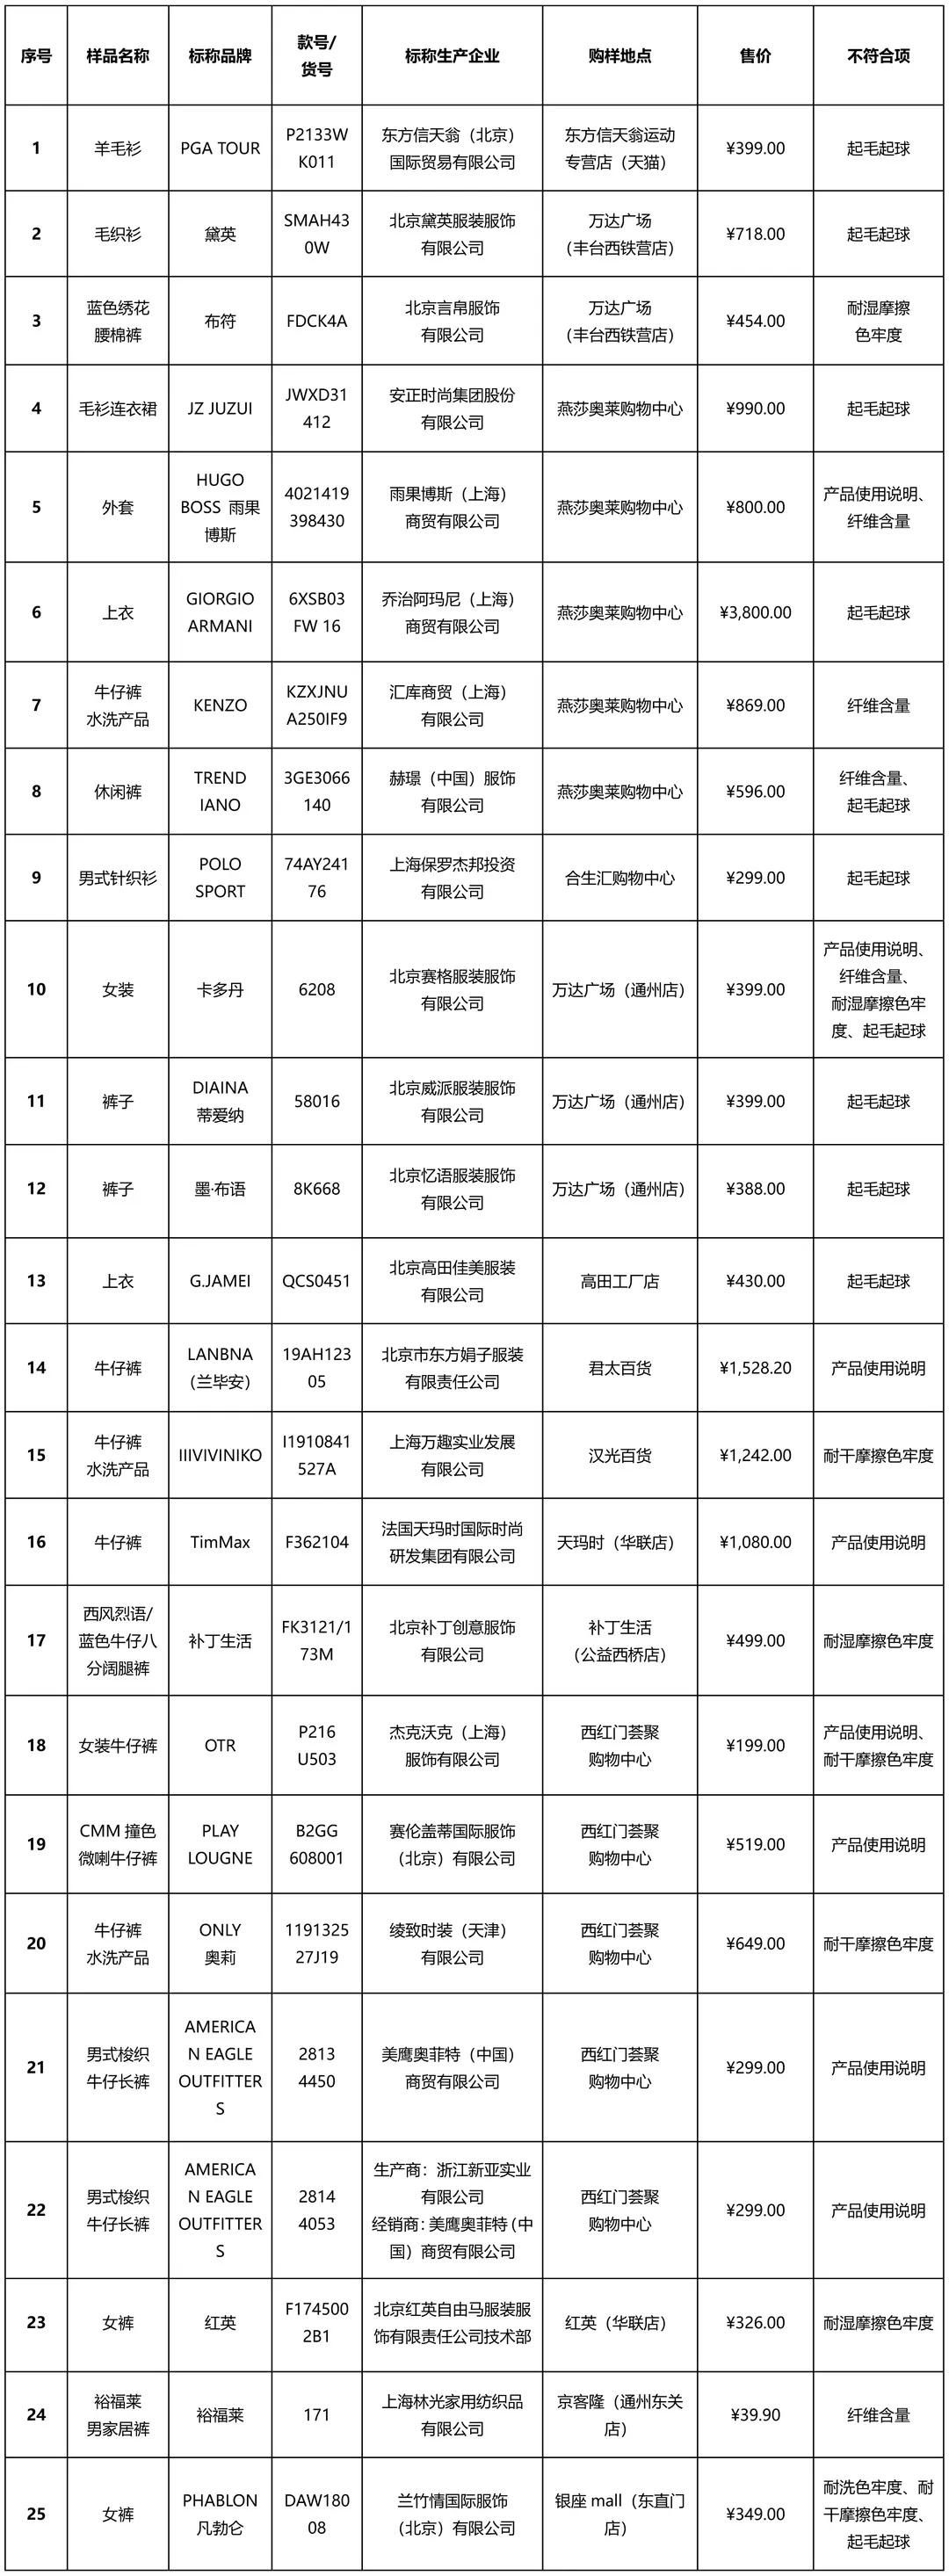 北京消协买100件衣服香港 艾滋病25件不达标:阿玛尼、ONLY等上榜